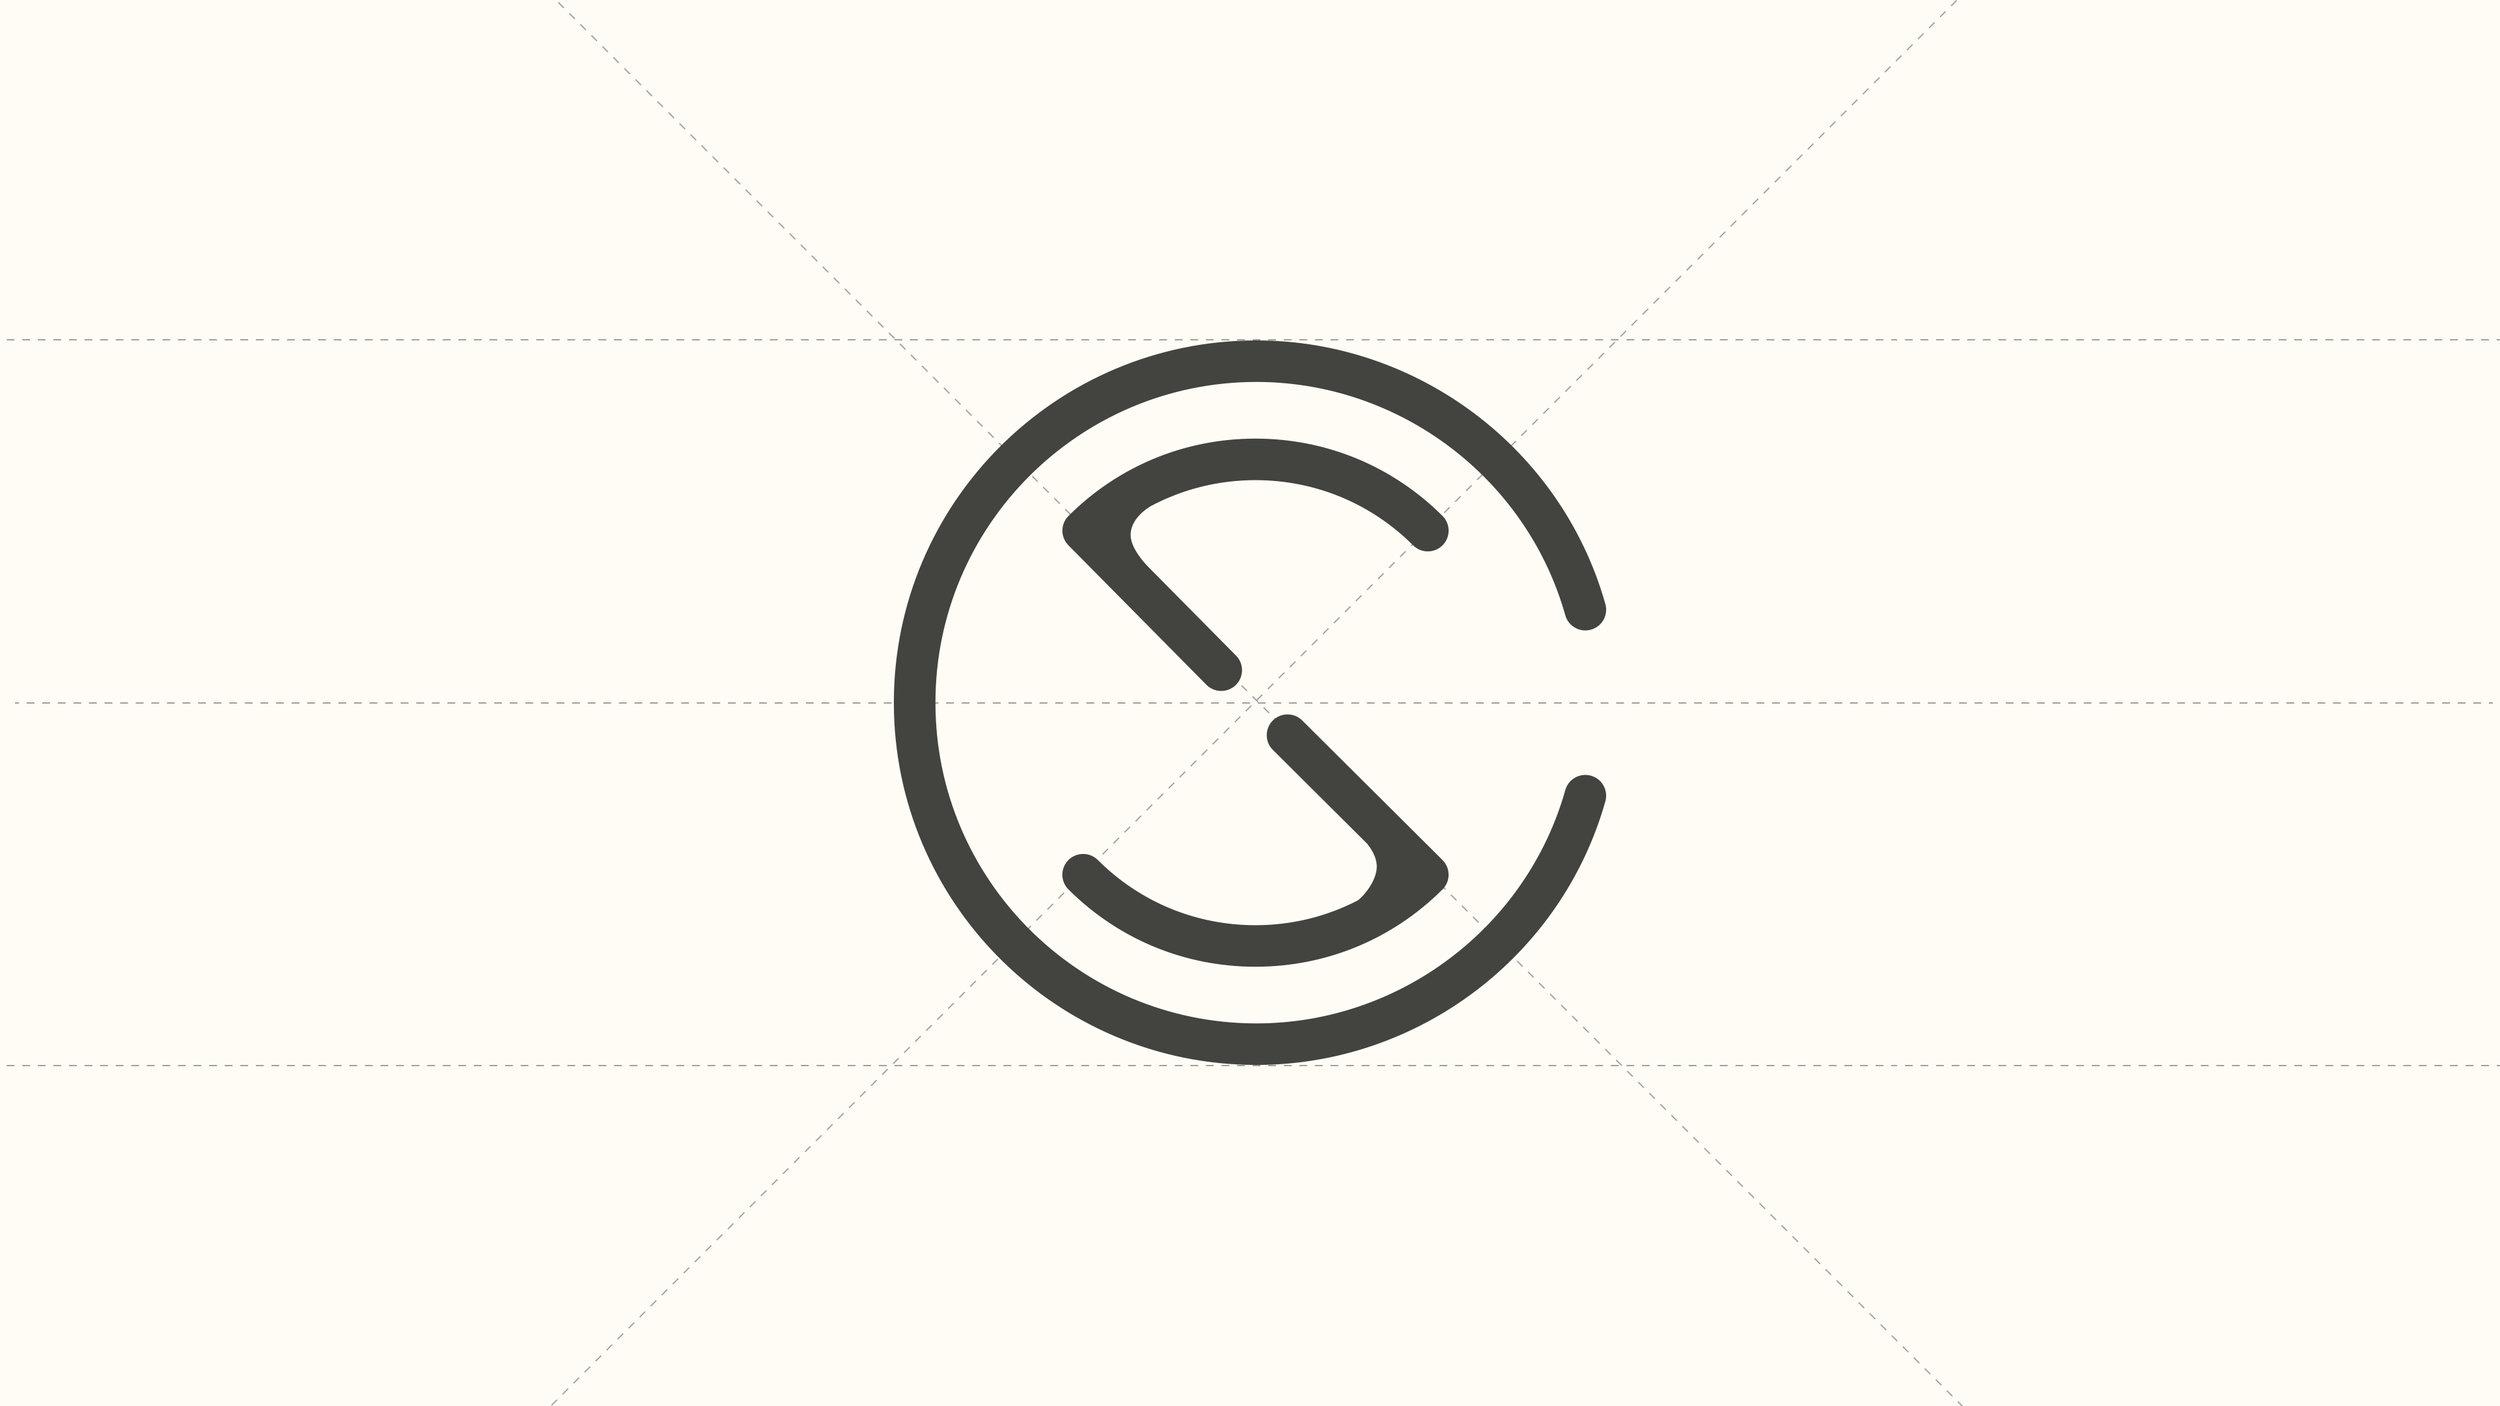 SC_Logo_1.jpg